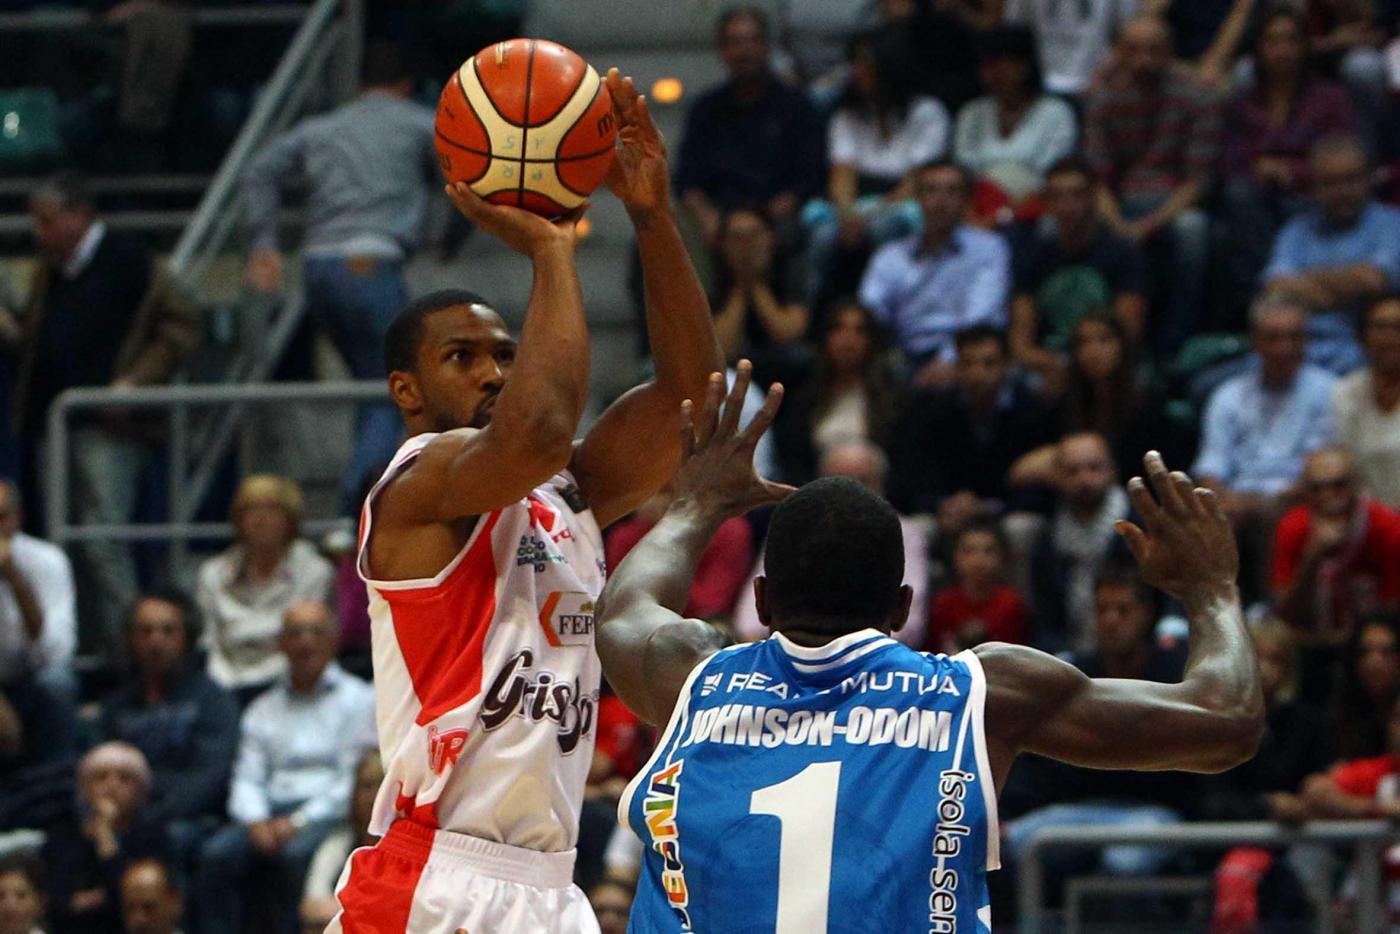 Basket, Serie A1: Reggio Emilia supera Sassari 86-80 al PalaDozza